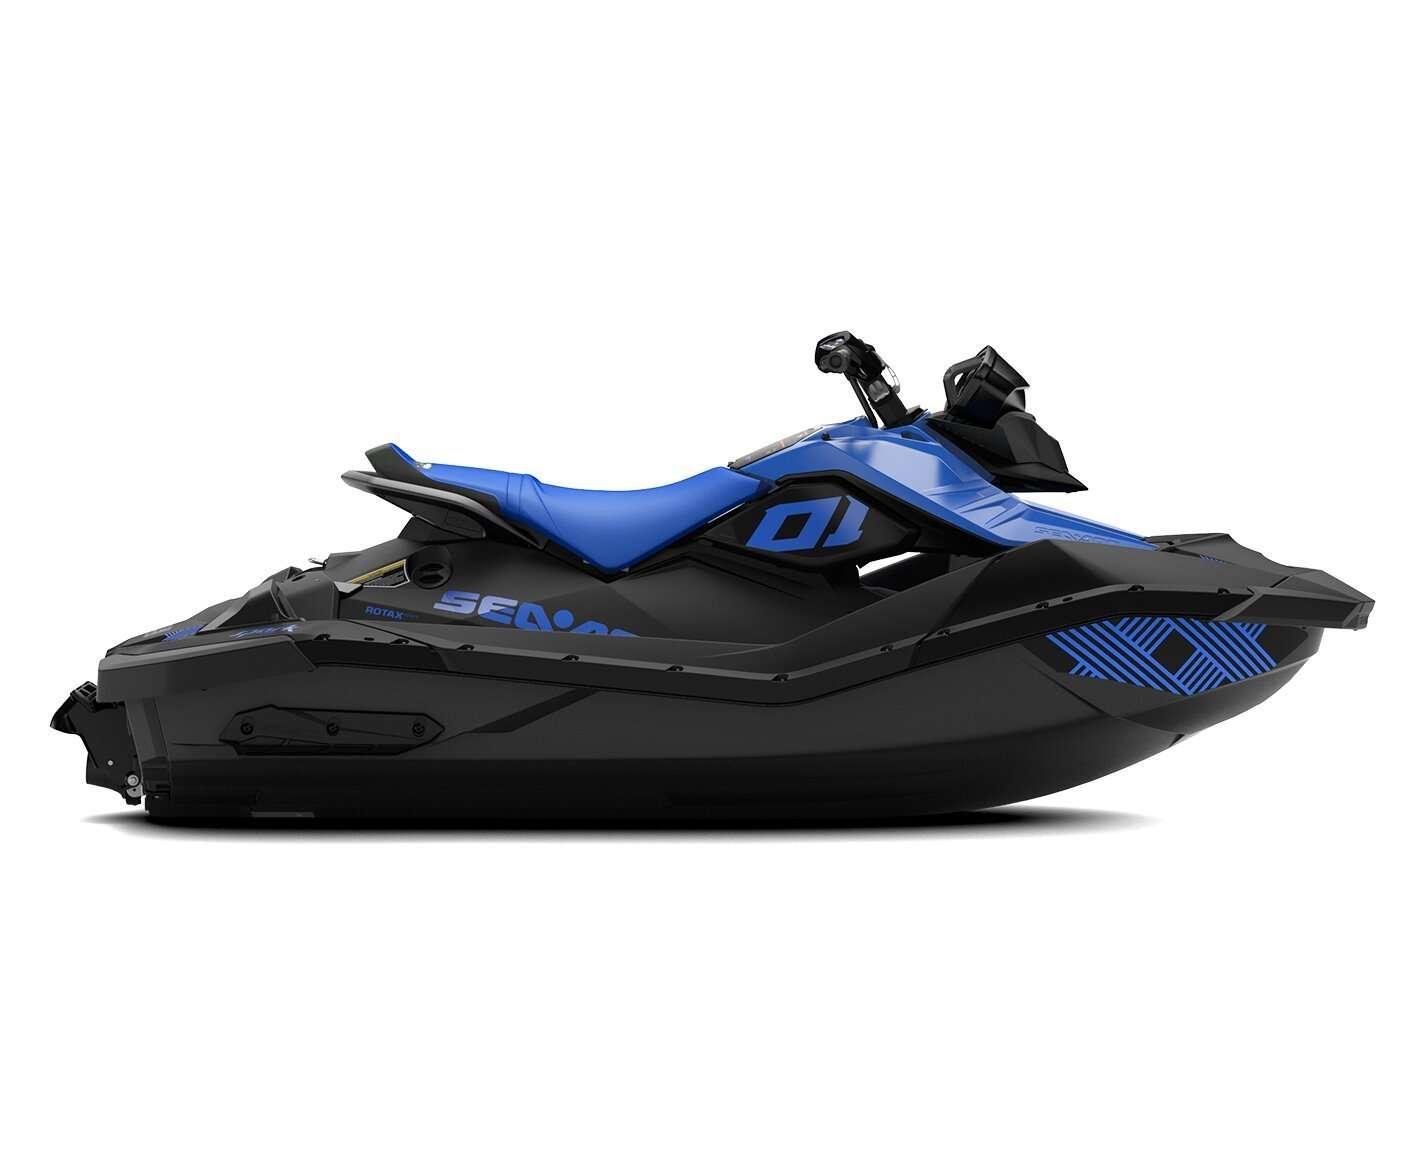 Comprar moto de agua Sea-Doo Spark Trixx 3 Up en Barcelona